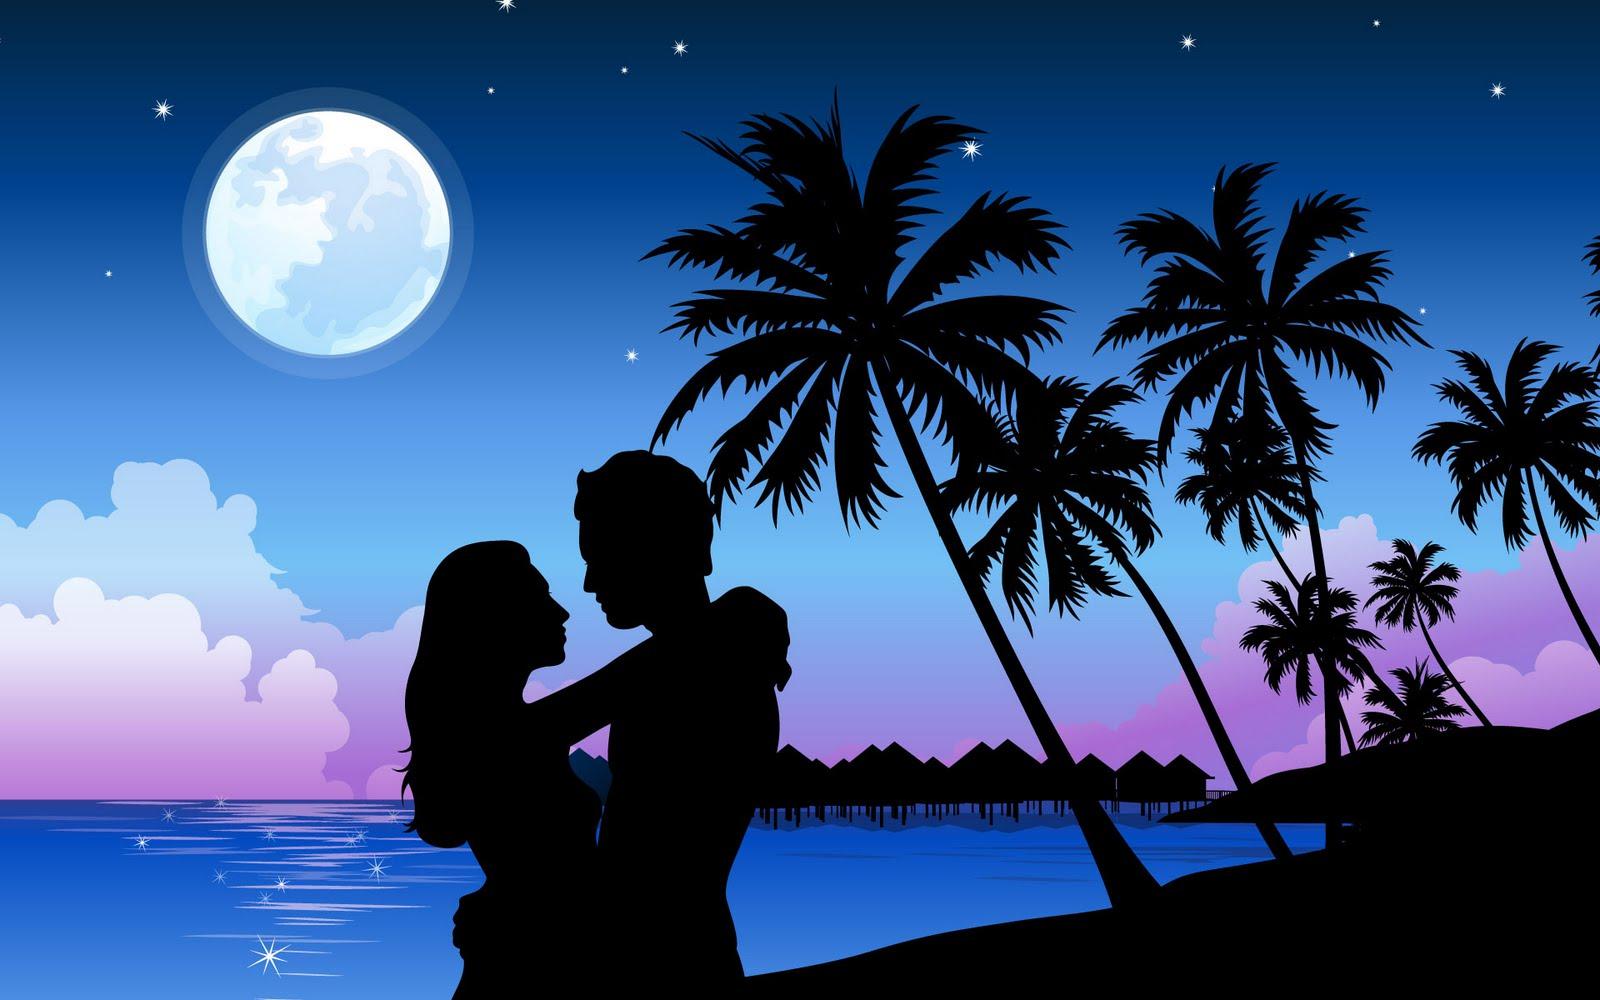 Romantische achtergronden hd wallpapers - Couple best images ...